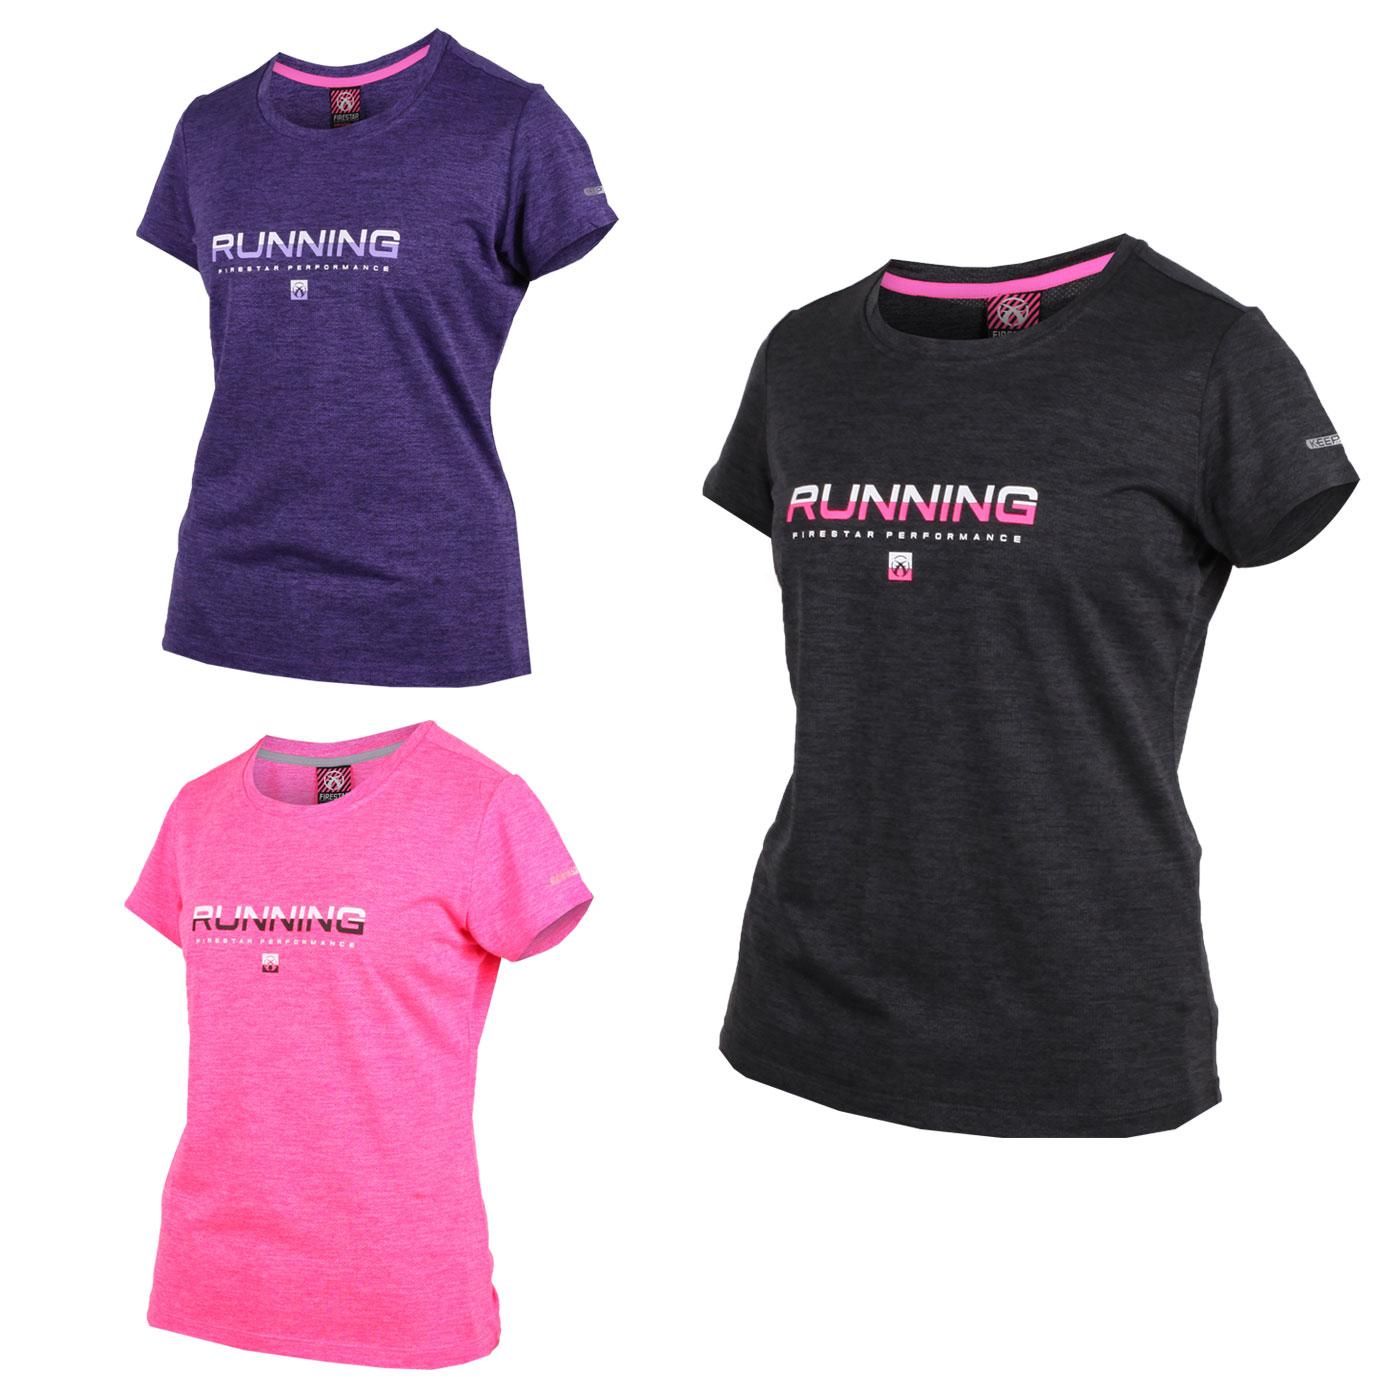 FIRESTAR 女款吸濕排汗圓領短袖T恤 DL961-19